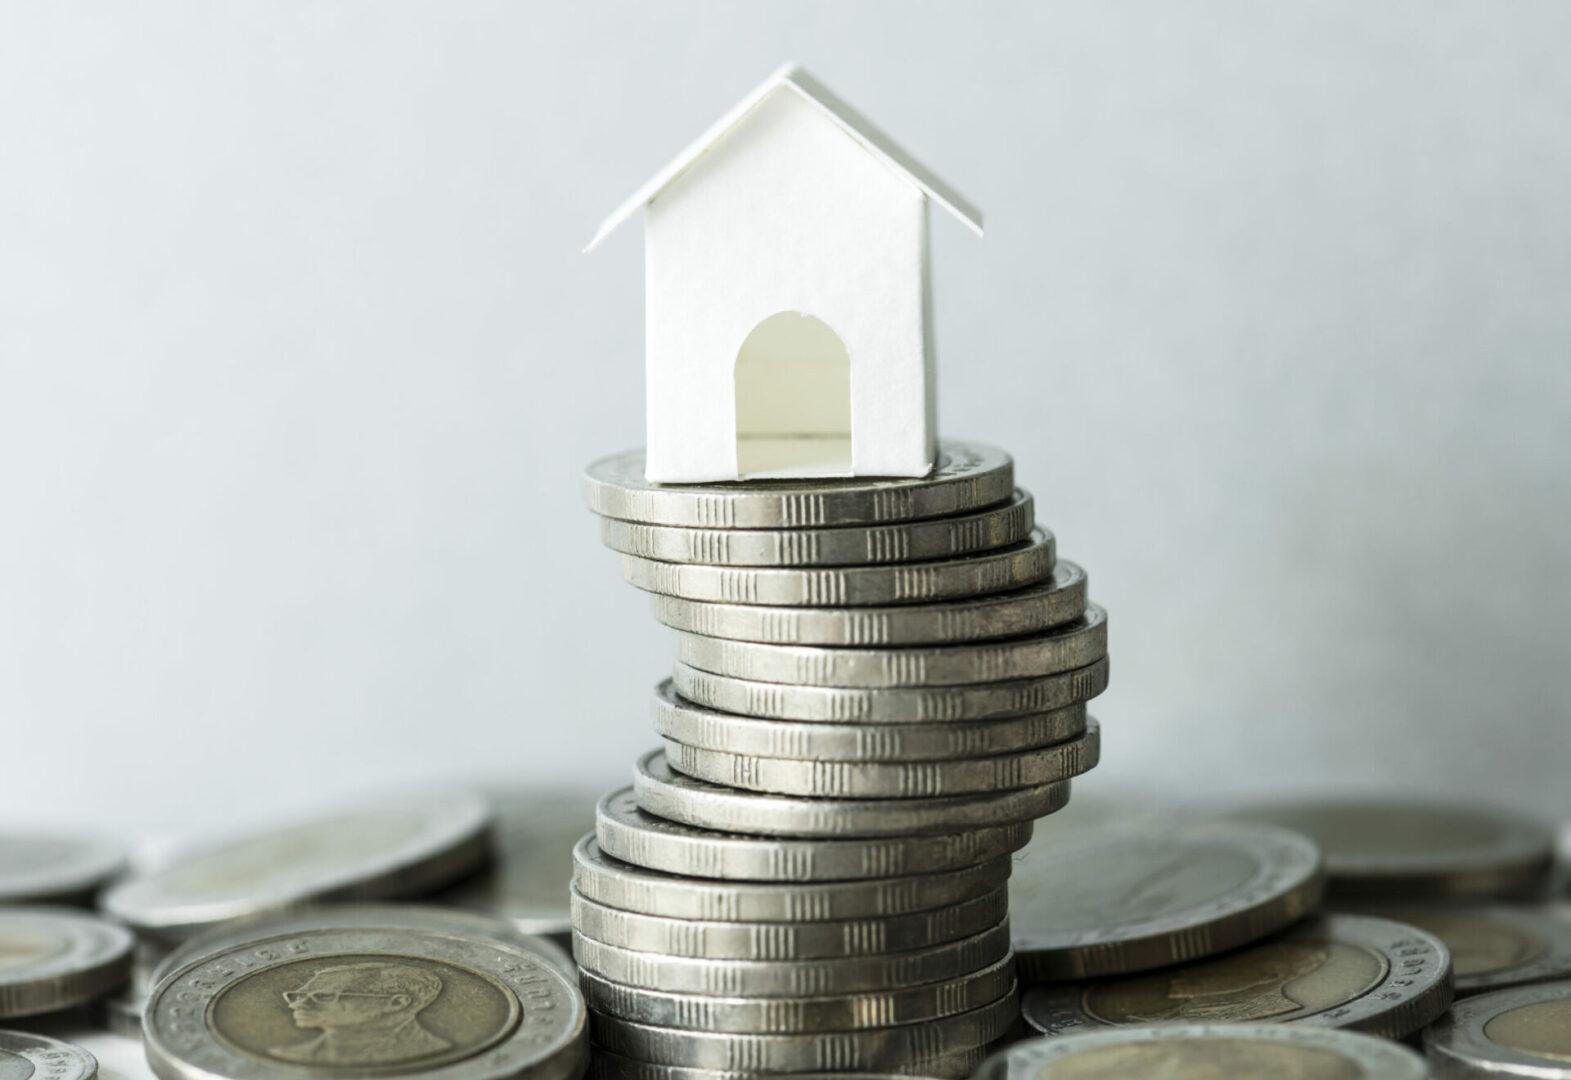 Financiamento imobiliário: 8 erros a serem evitados